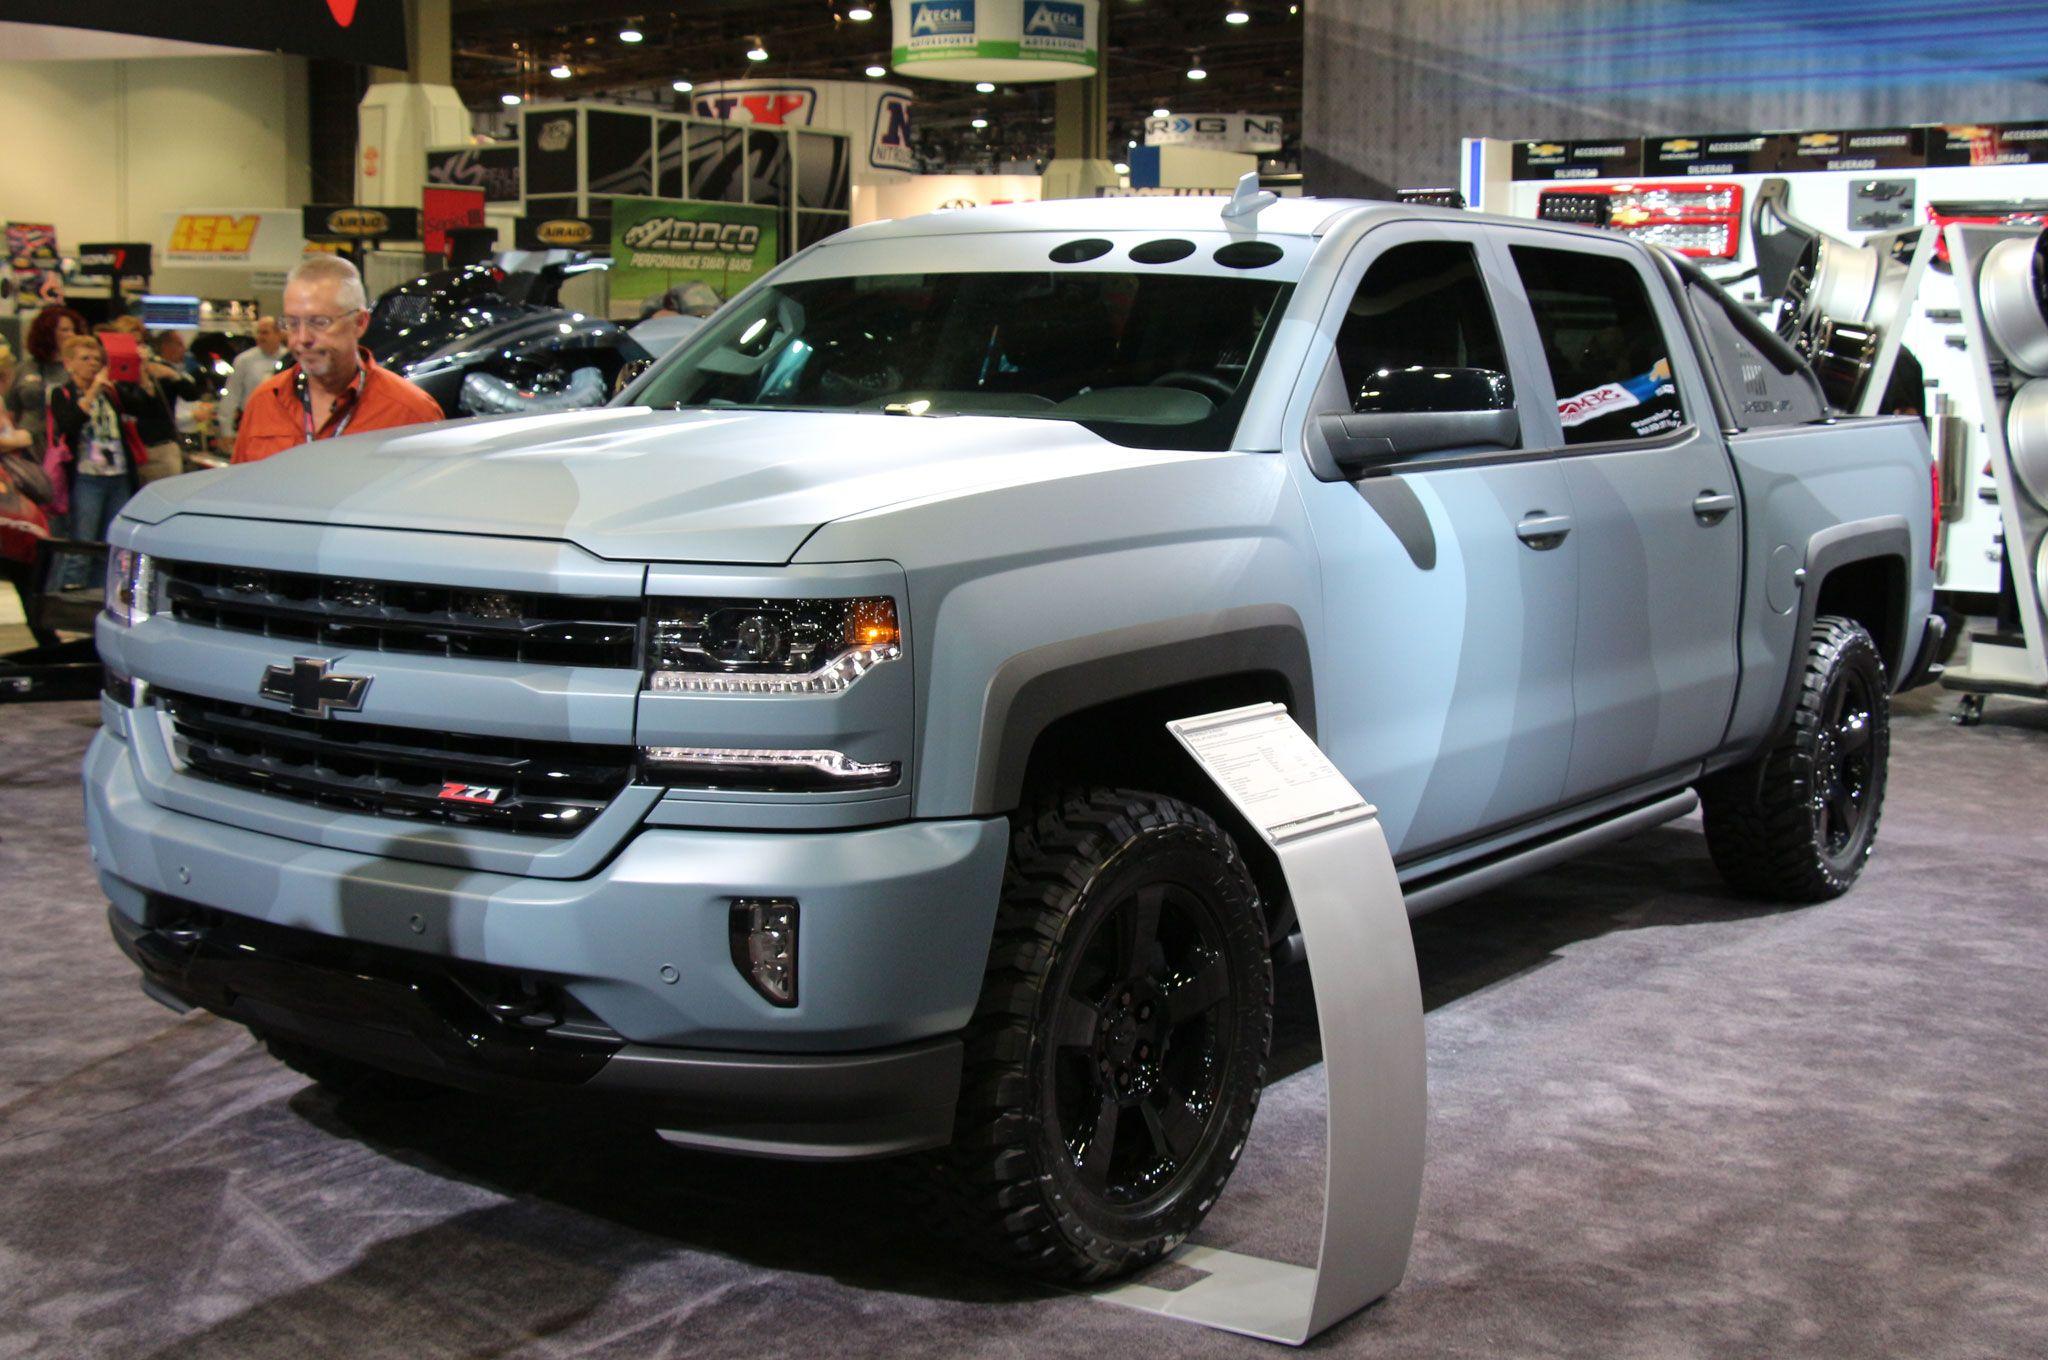 Chevy Reaper Price >> 2020 Chevy Reaper Price 2019 Trucks